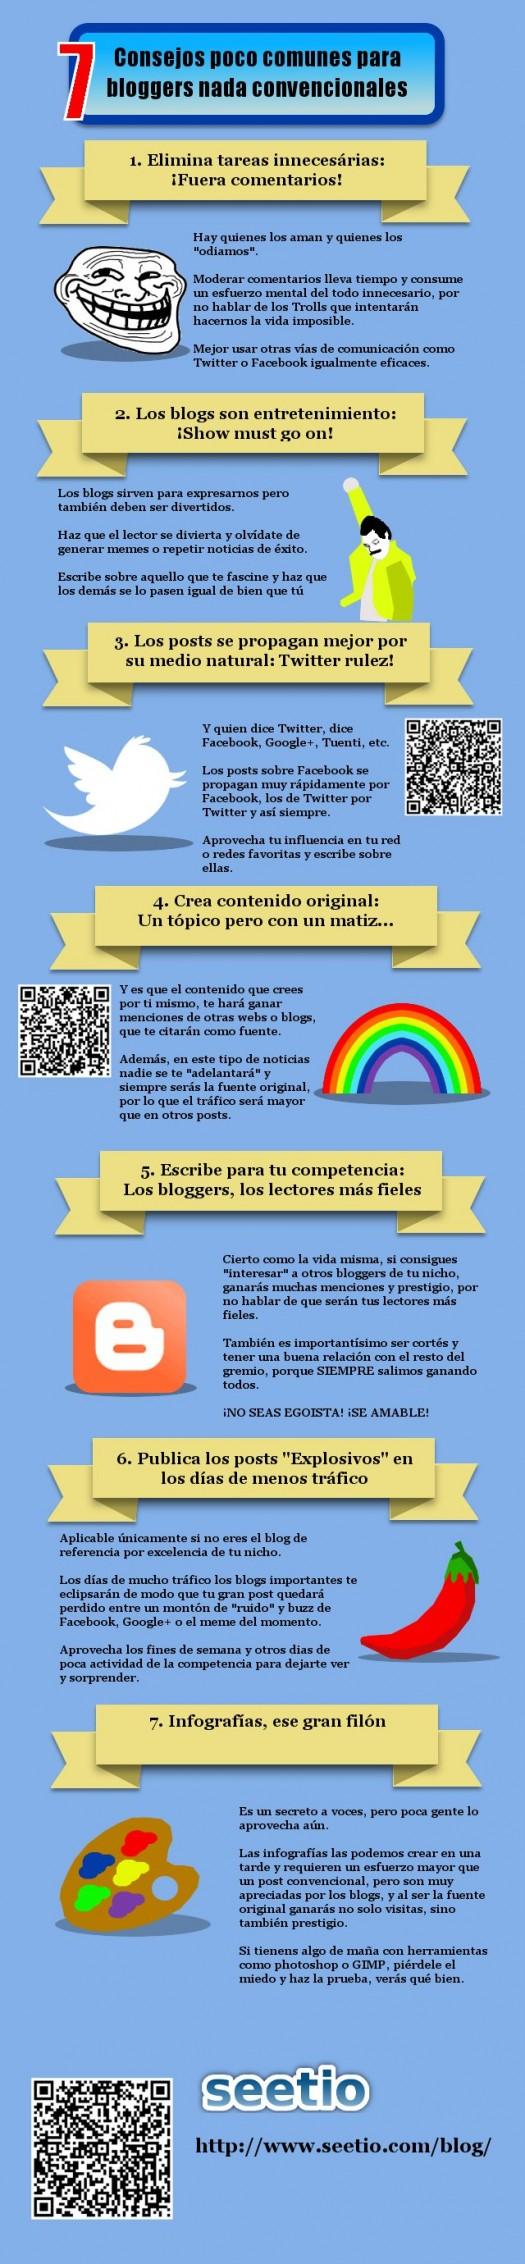 Infografia con consejos para tener un Blog exitoso